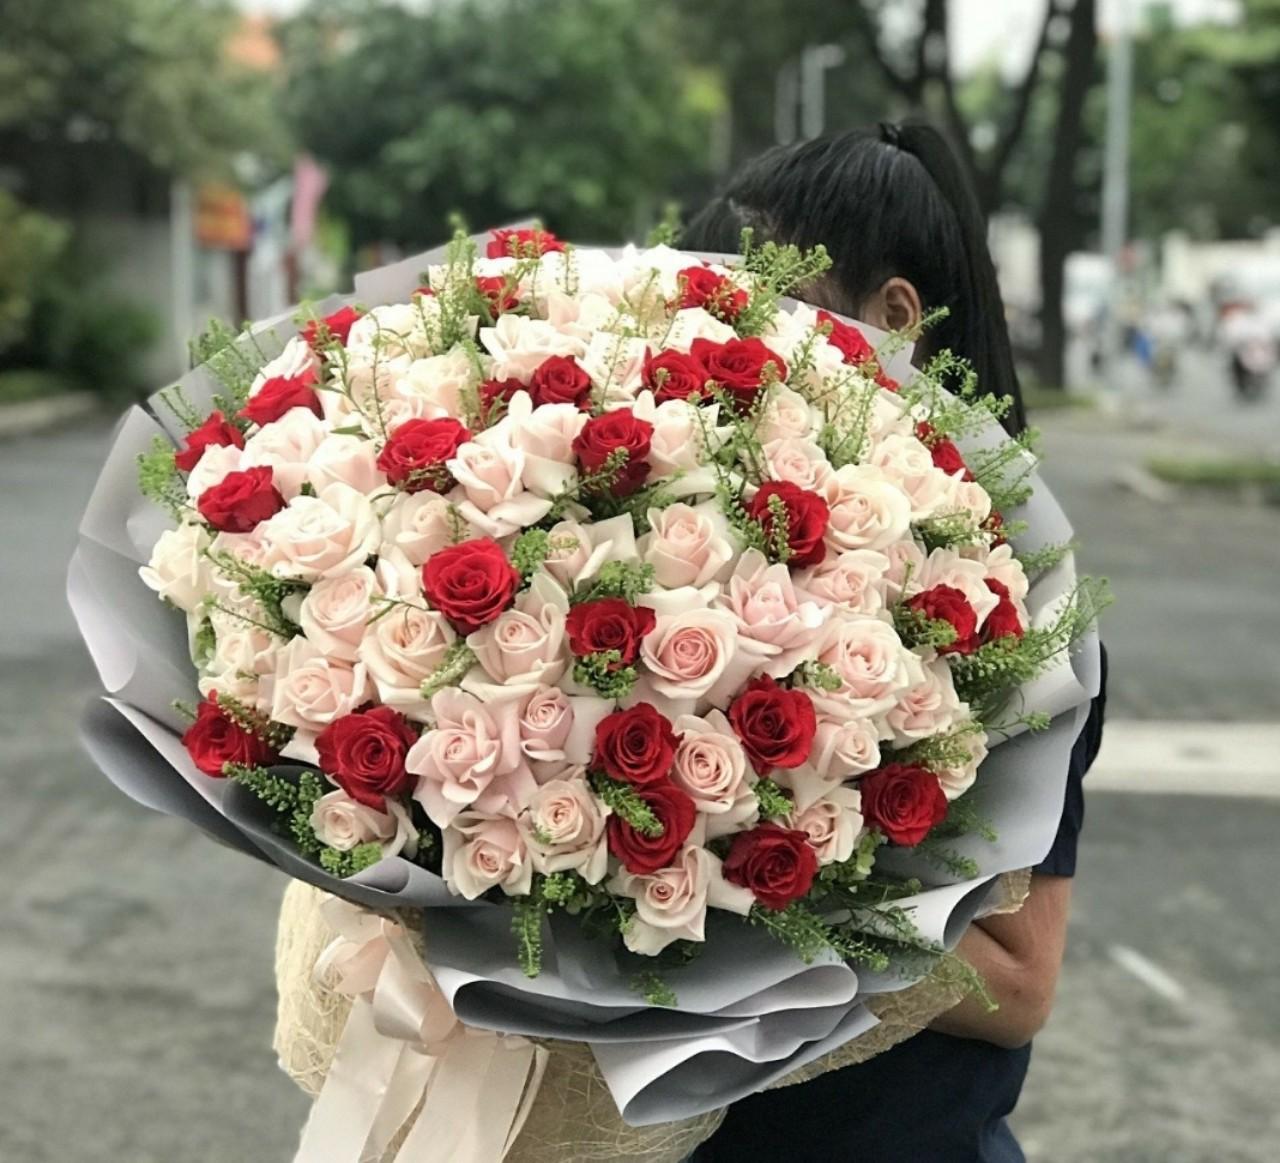 Nên có những sự hỗ trợ tư vấn tốt nhất từ Shop hoa để bạn có những bó hoa ý nghĩa nhất nhé!